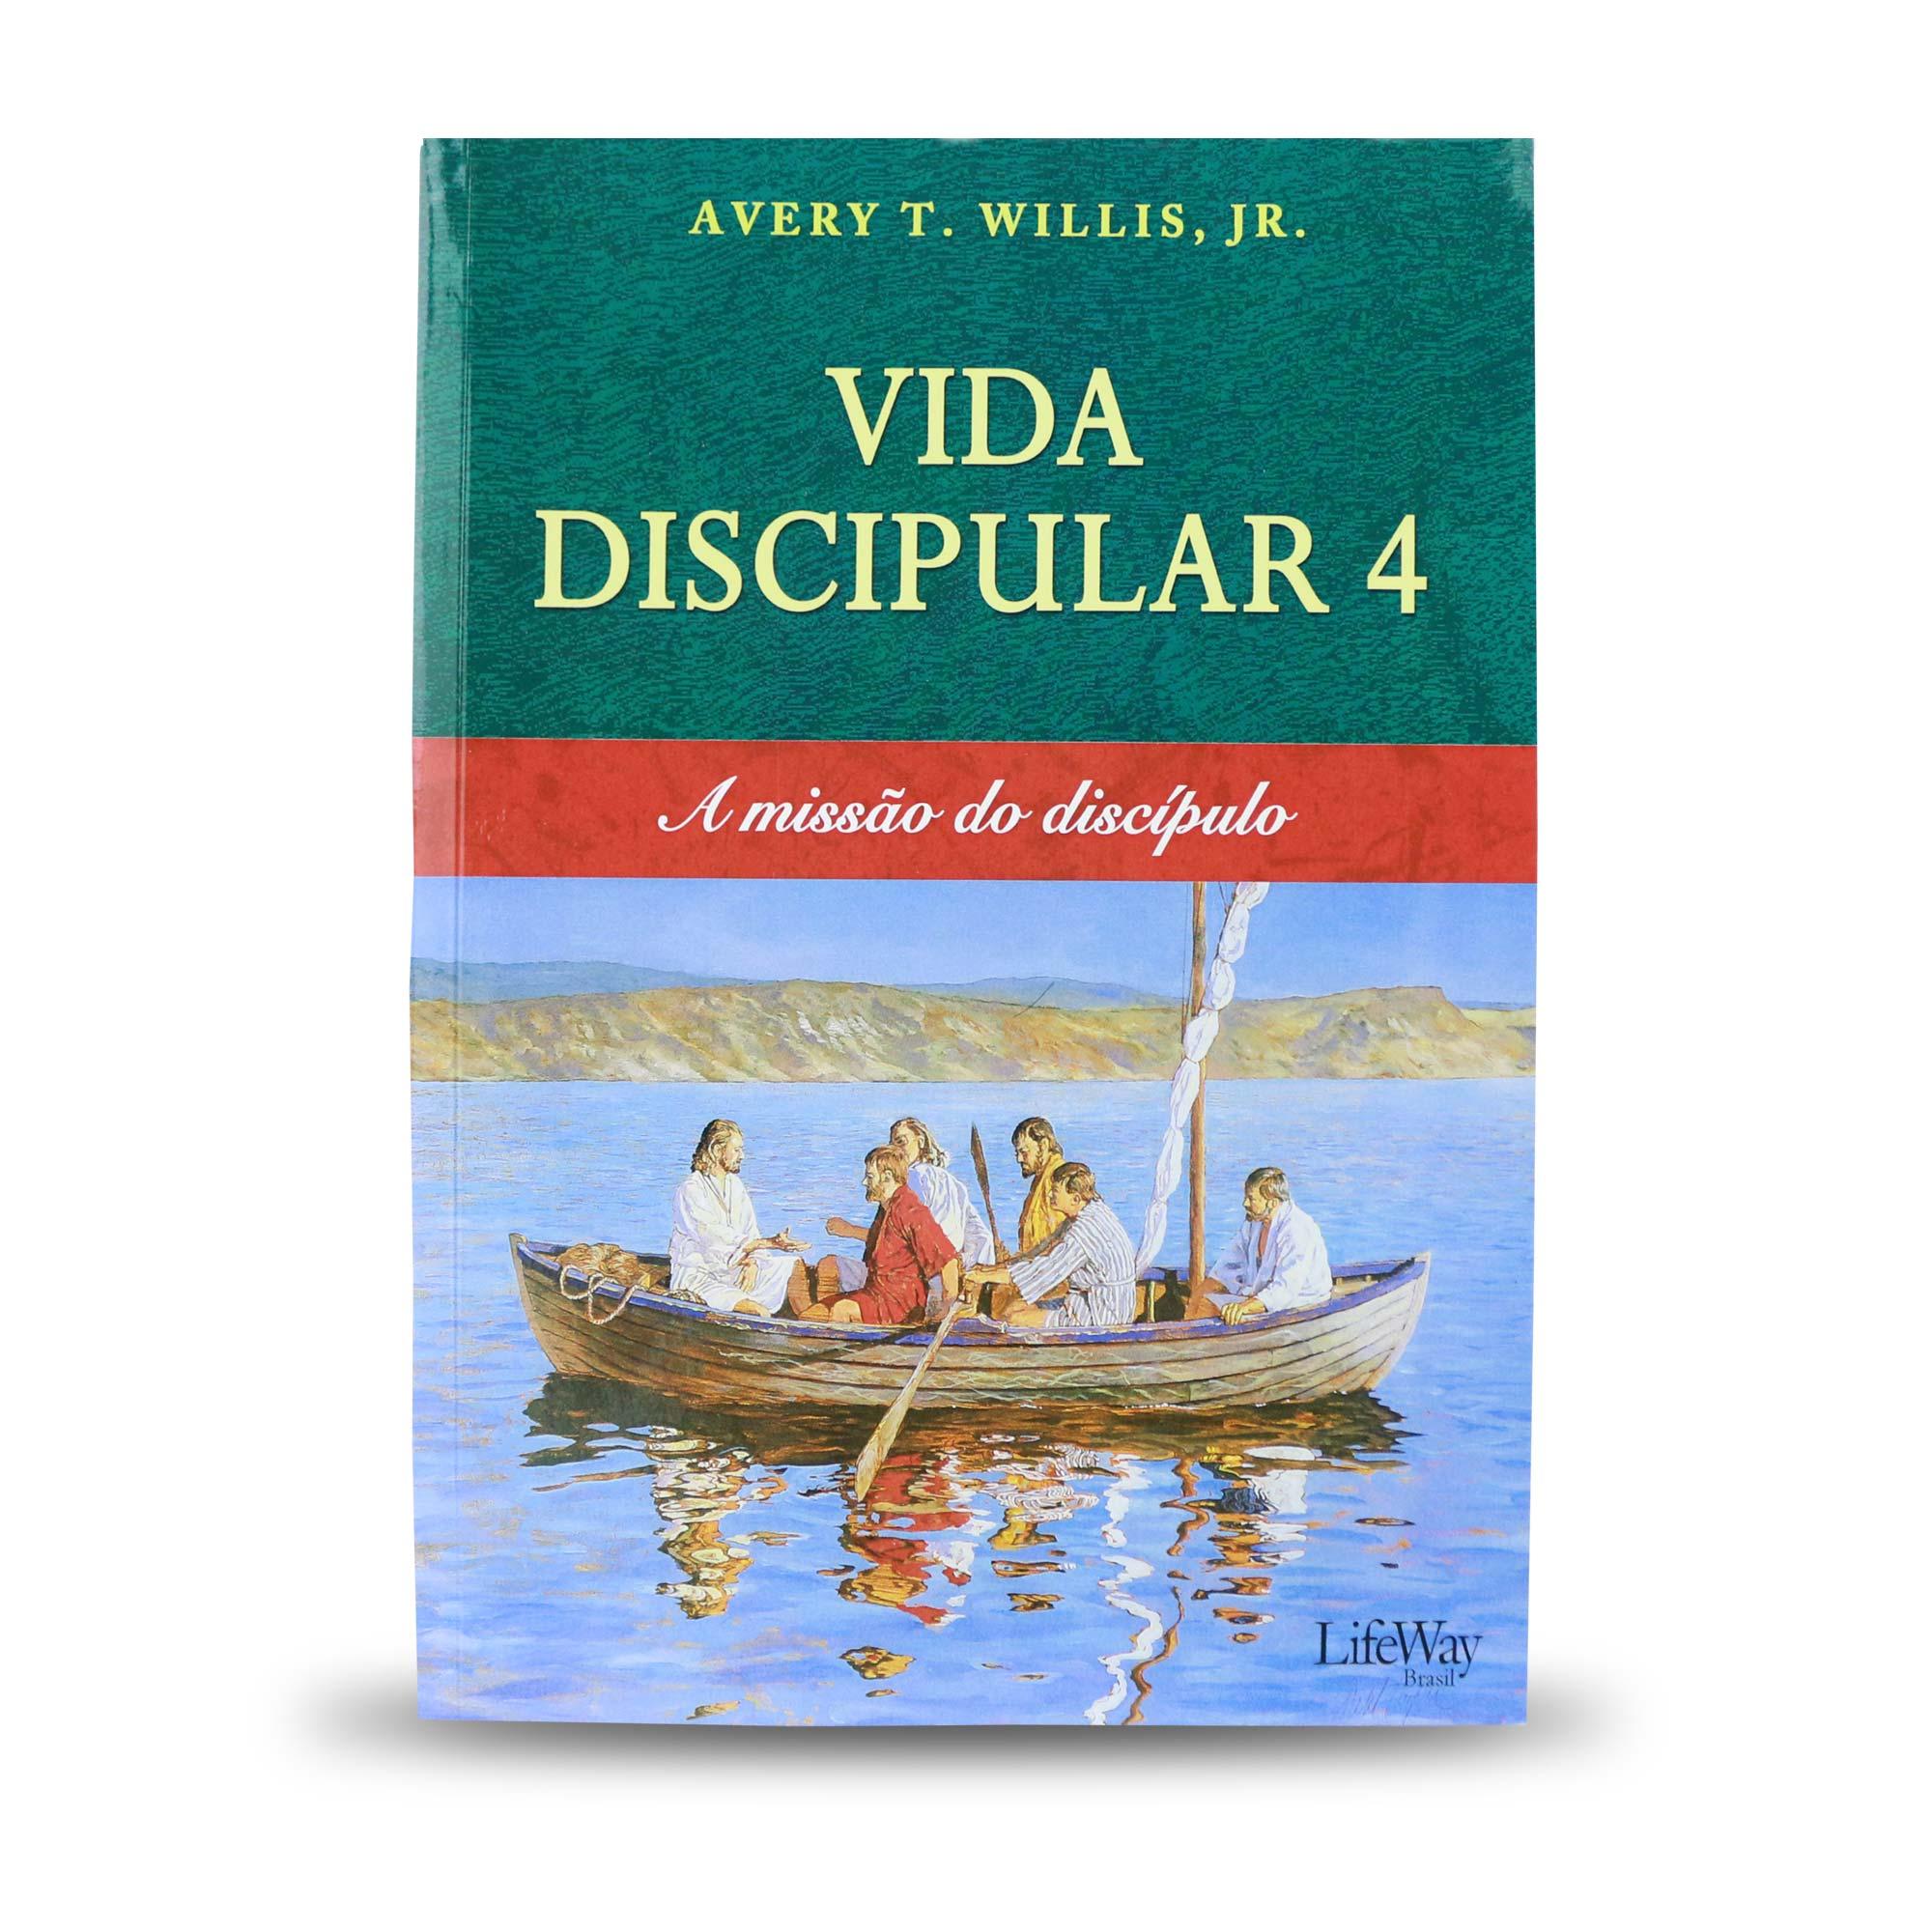 Vida discipular 4